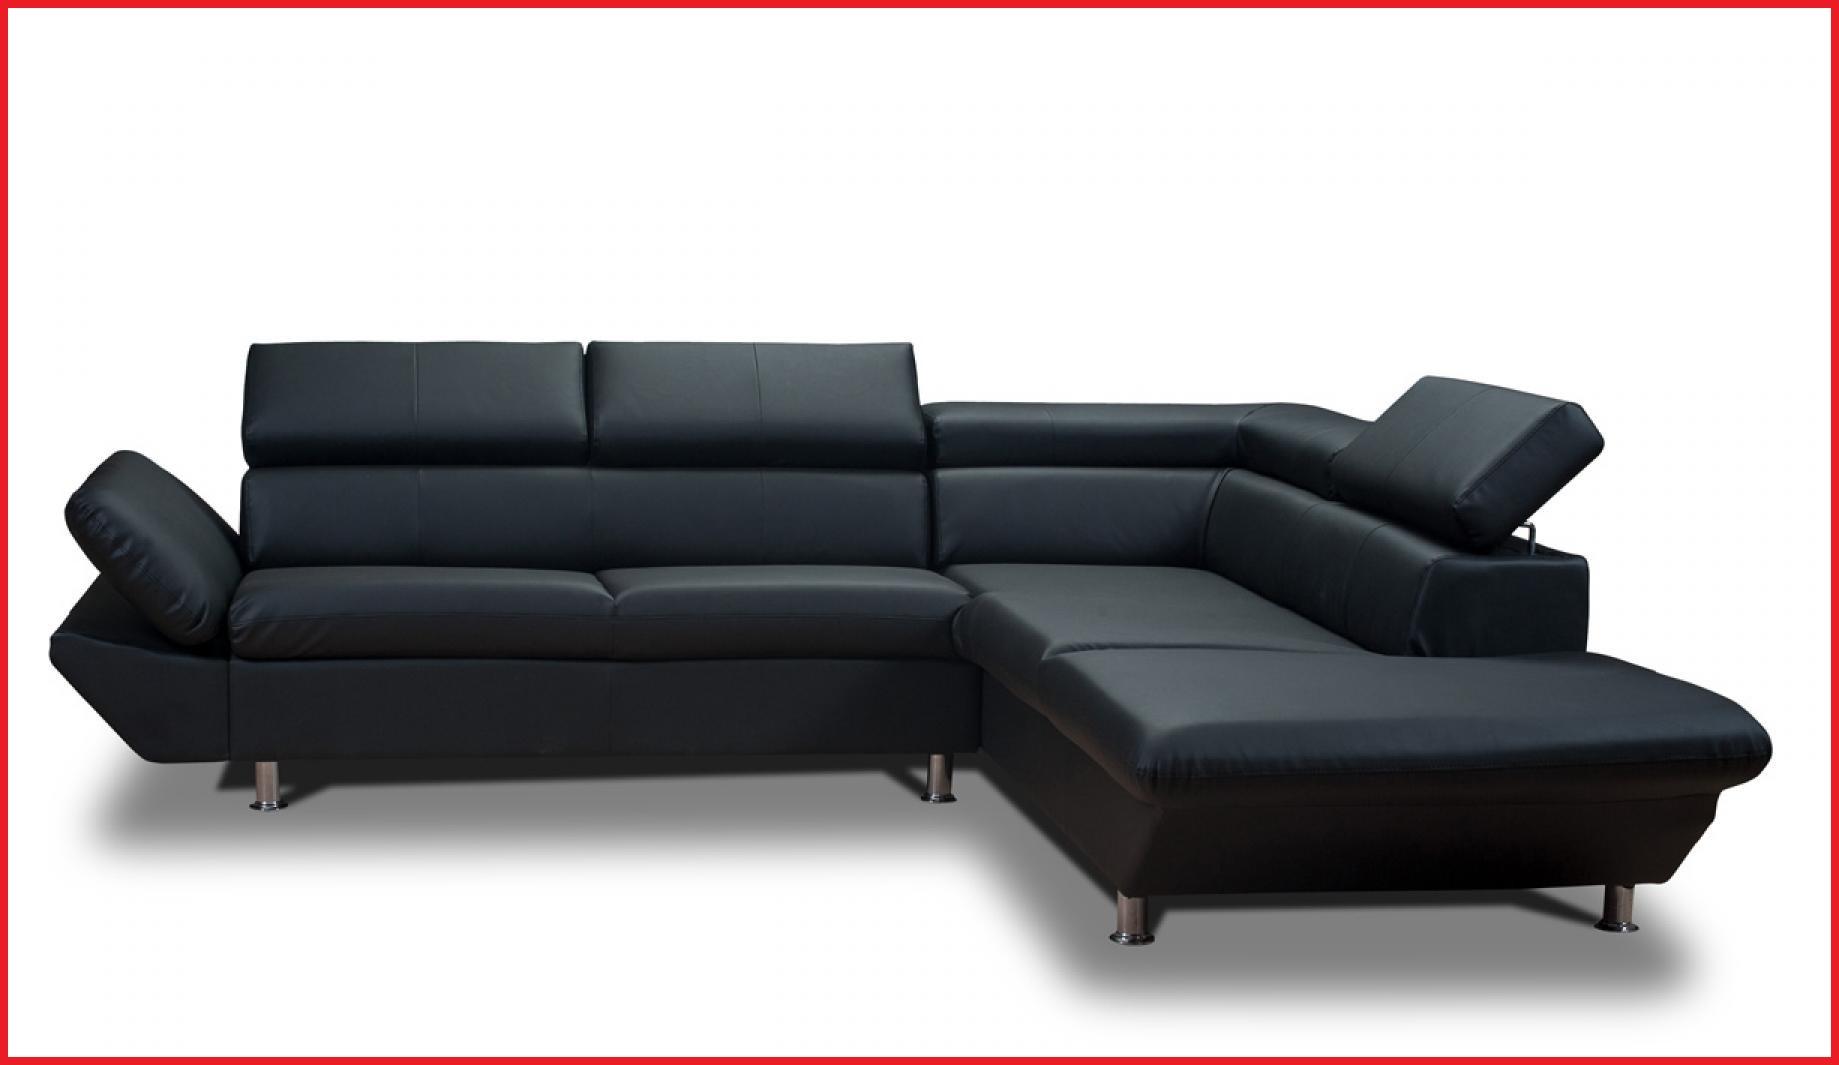 Ikea Canapé D Angle Convertible Meilleur De Stock Article with Tag Coussin Pour Meuble Exterieur